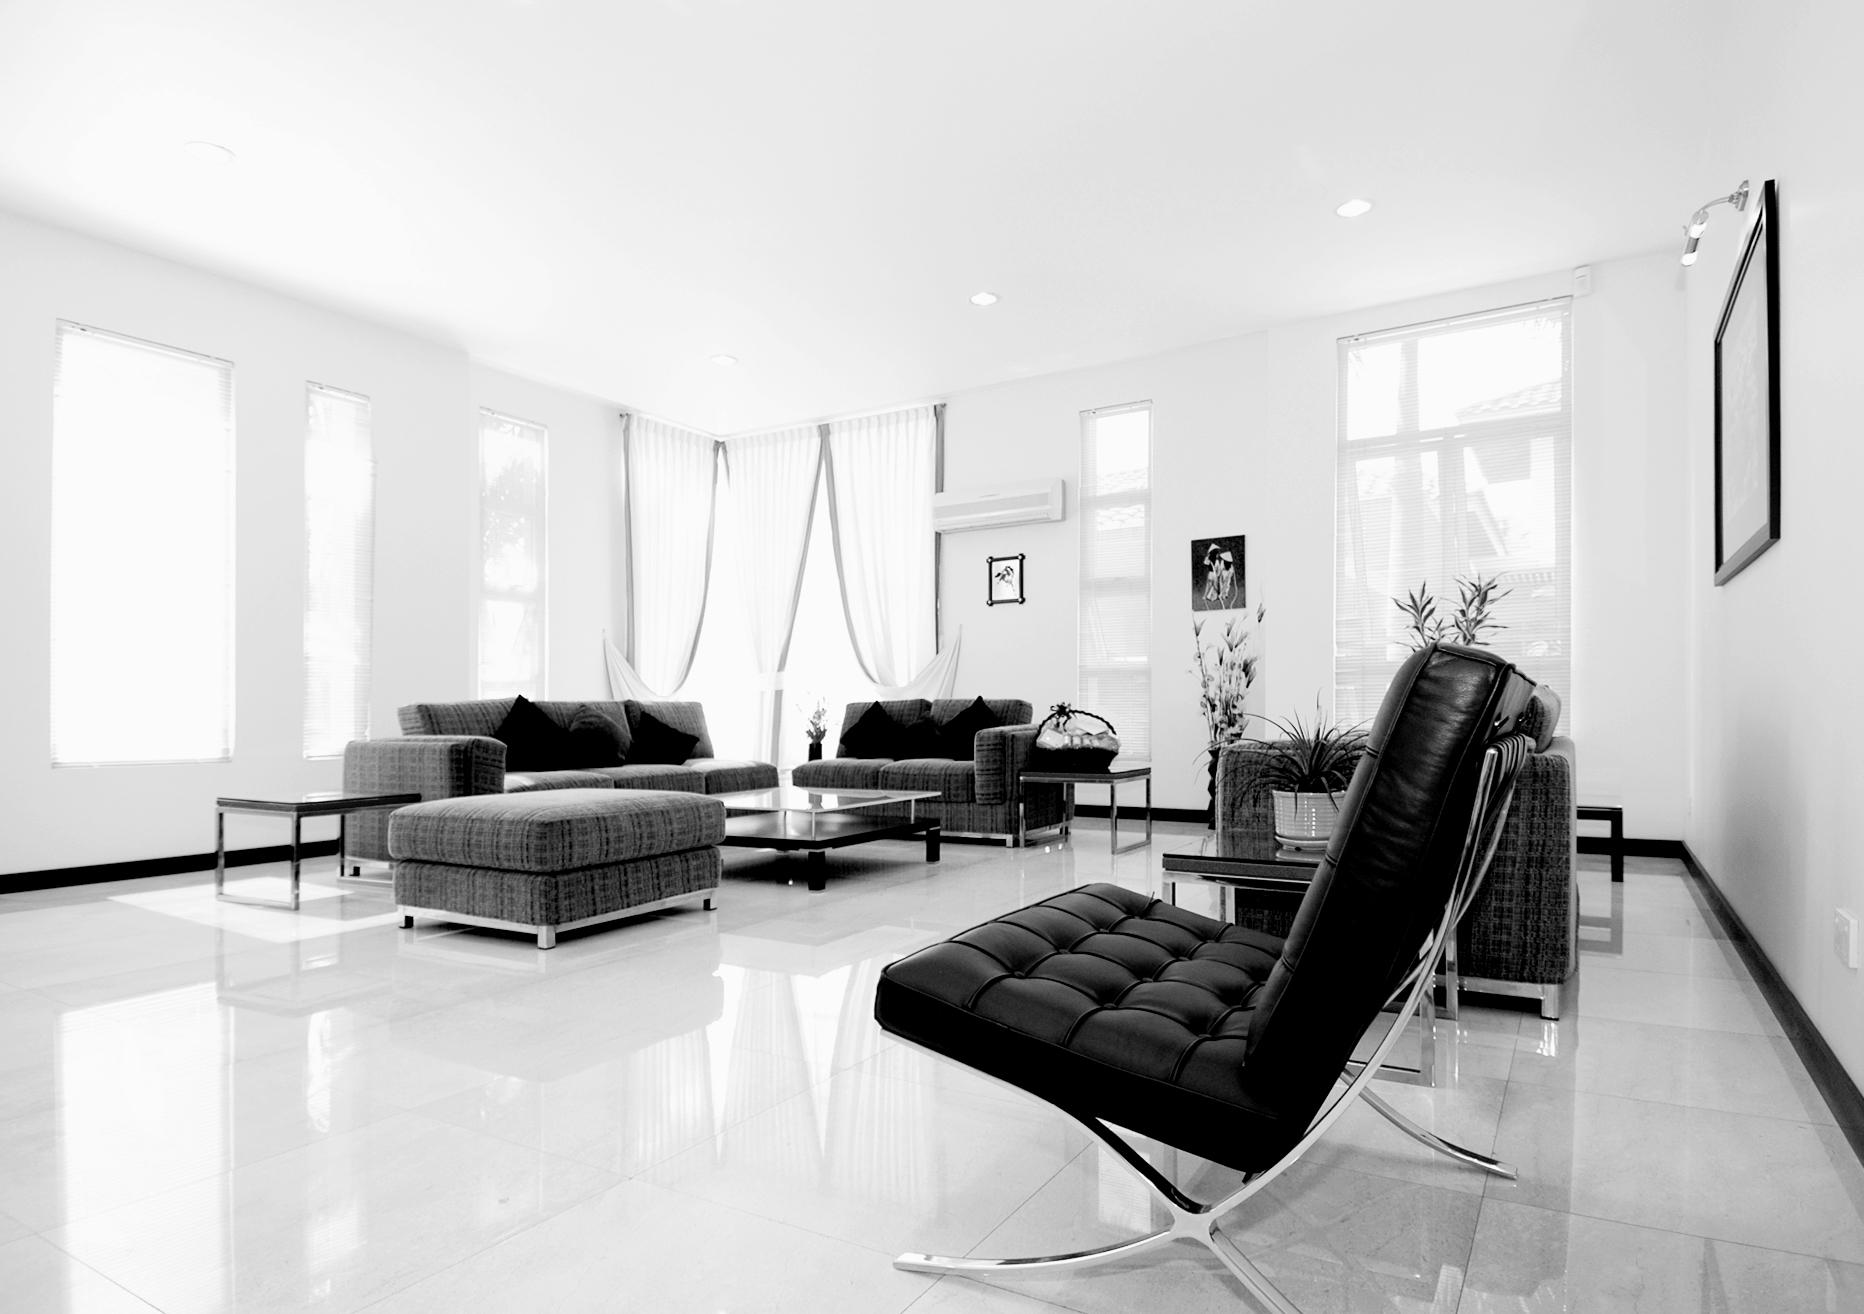 Podwieszany sufit, przytulny pokój